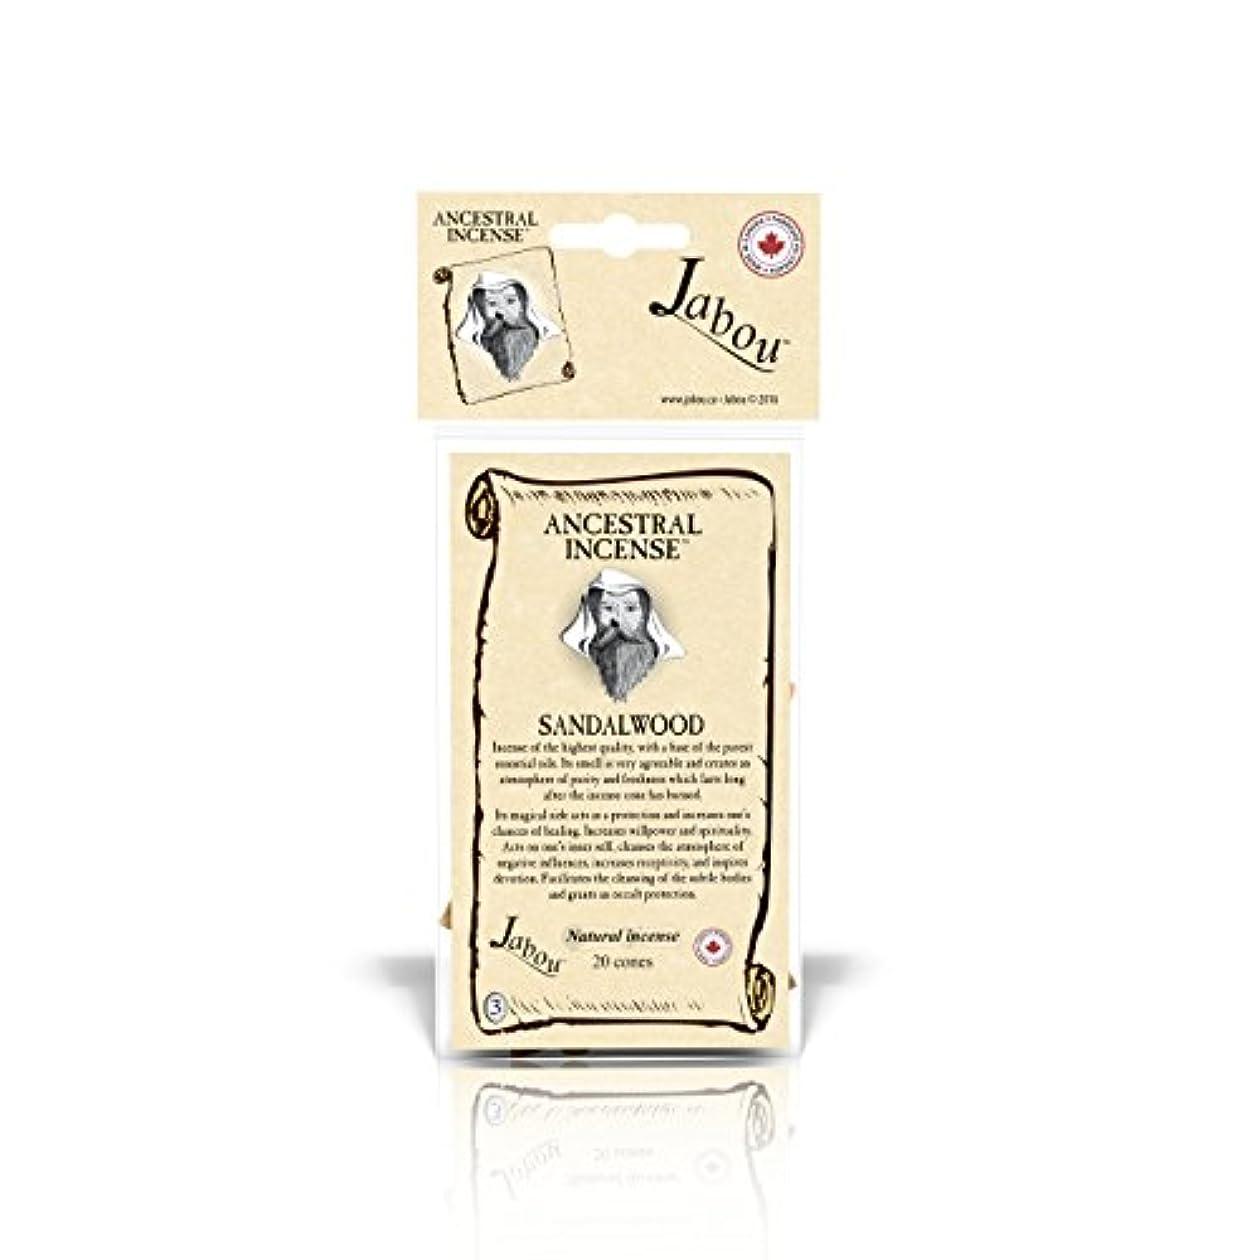 敏感なマニフェスト本部Jabou Ancestral 100%天然お香 コーン - 12個のアロマ - 瞑想 ヨガ リラクゼーション マジック ヒーリング 祈り 儀式 - 20個のコーン - 各30分以上持続